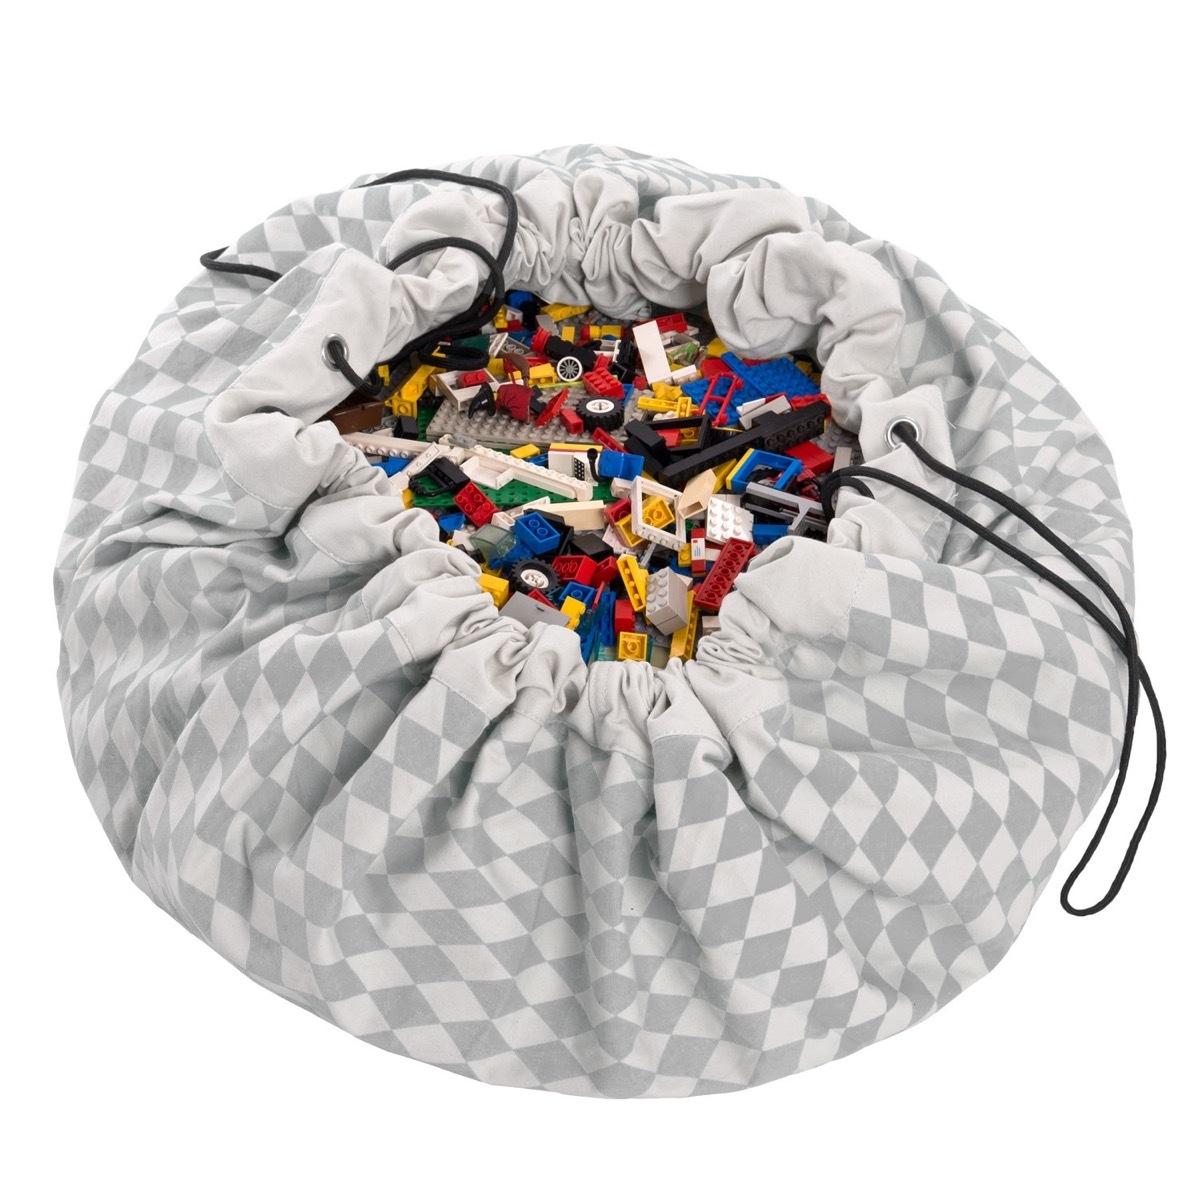 Коврик-мешок для игрушек Play&Go. Коллекция Print. Серый бриллиант